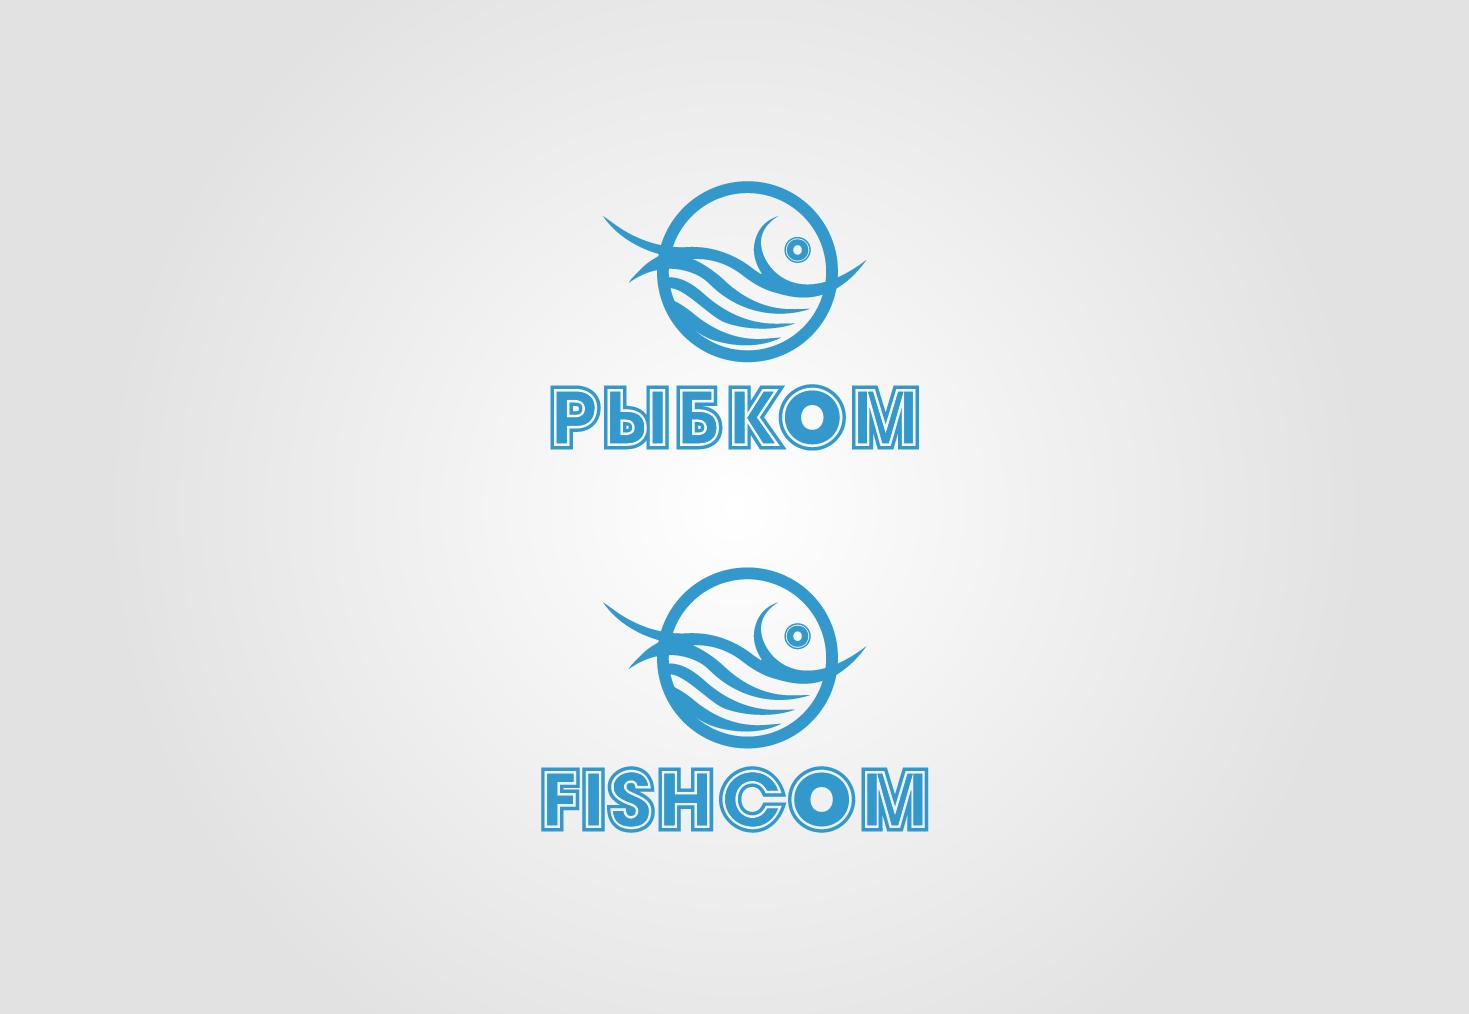 Создание логотипа и брэндбука для компании РЫБКОМ фото f_1345c092f1cefab3.png